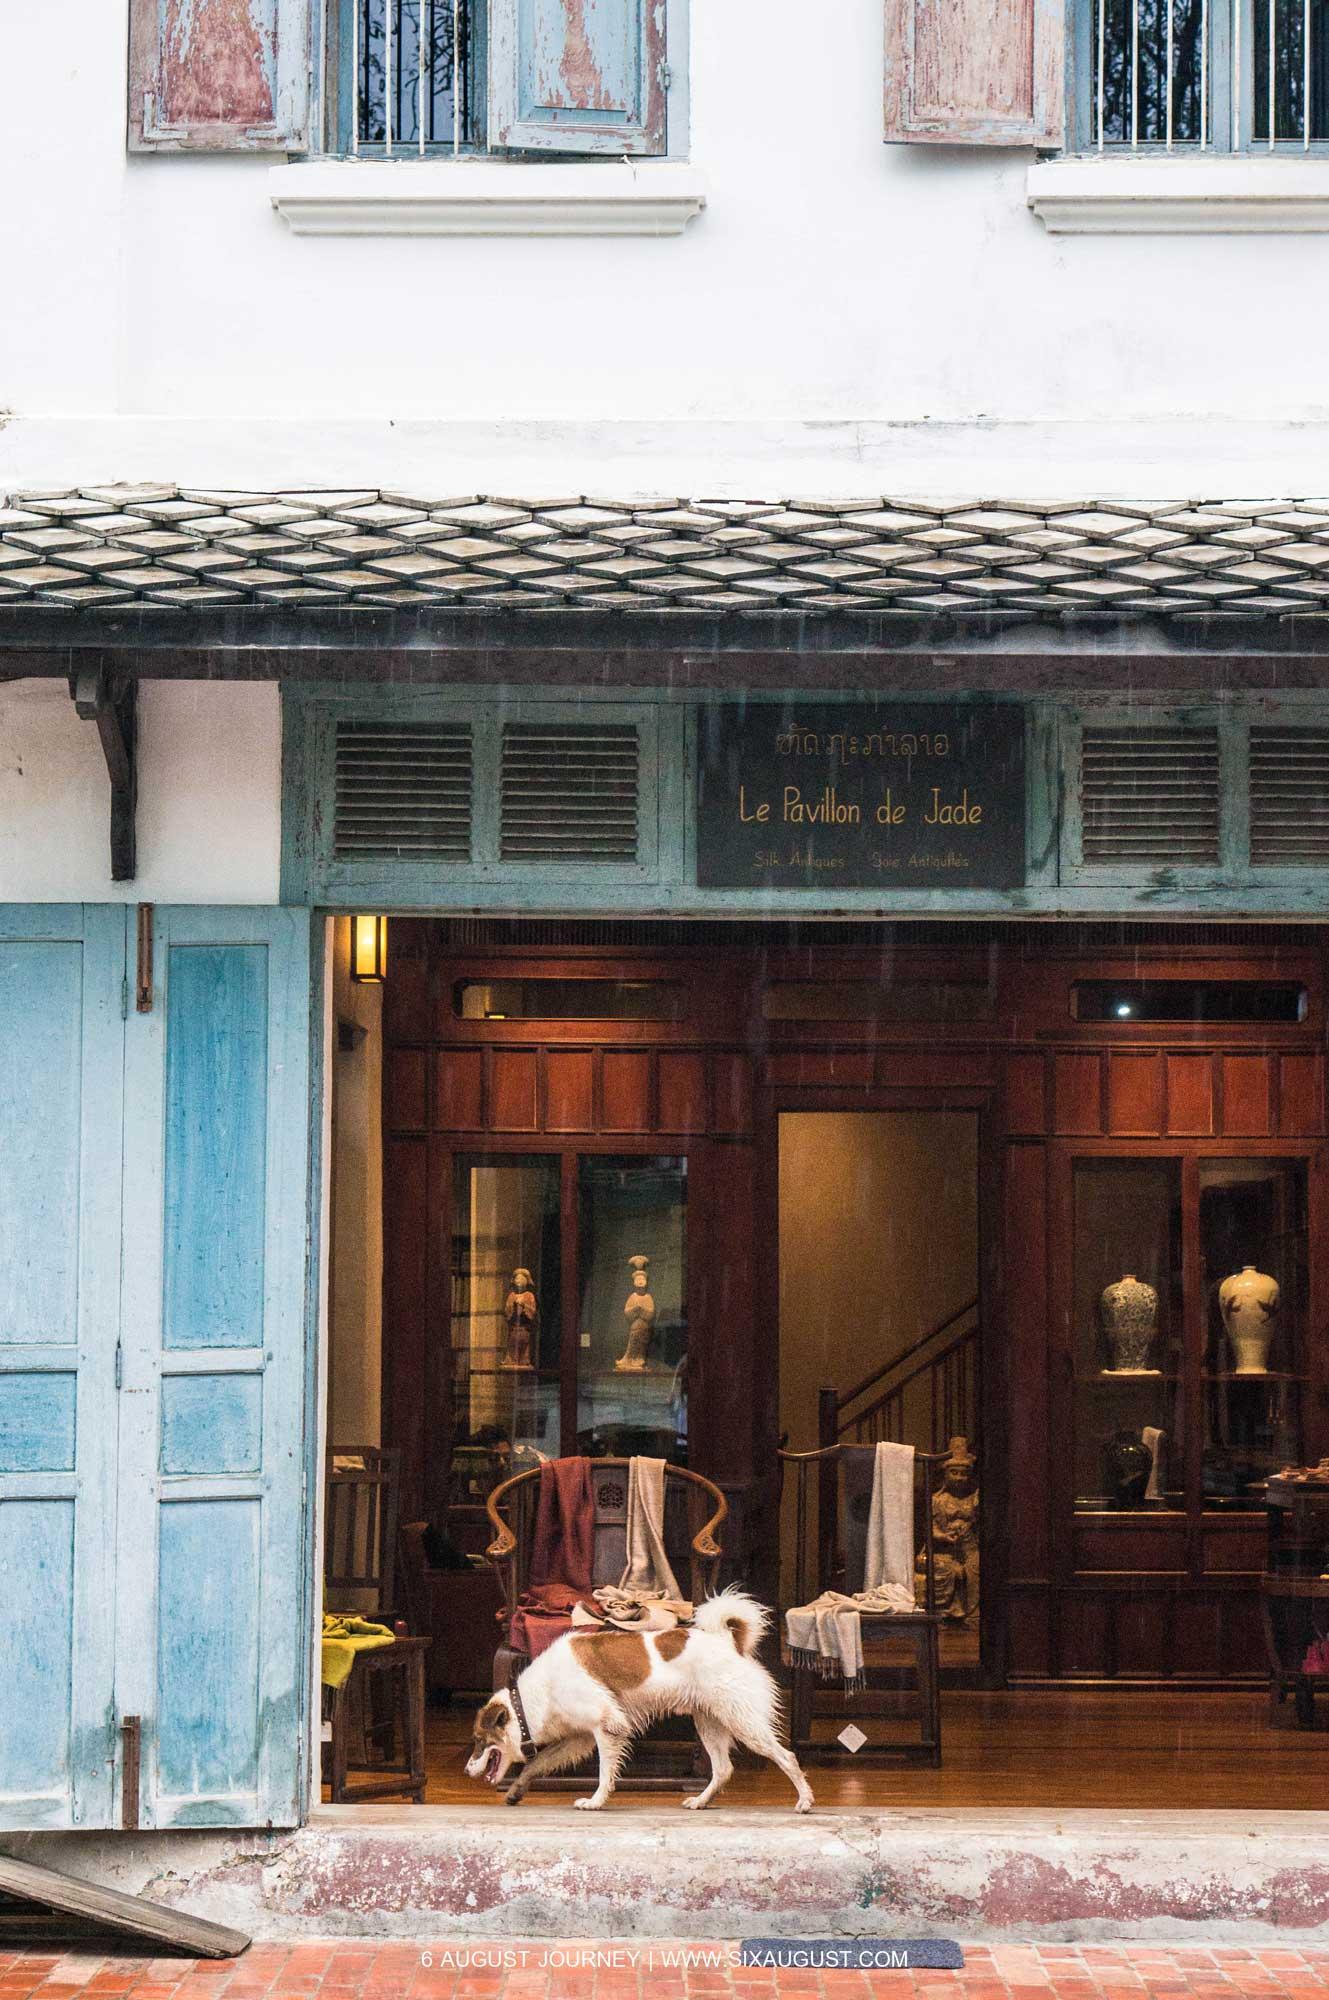 ประตูสีฟ้า หลวงพระบาง ที่เที่ยว